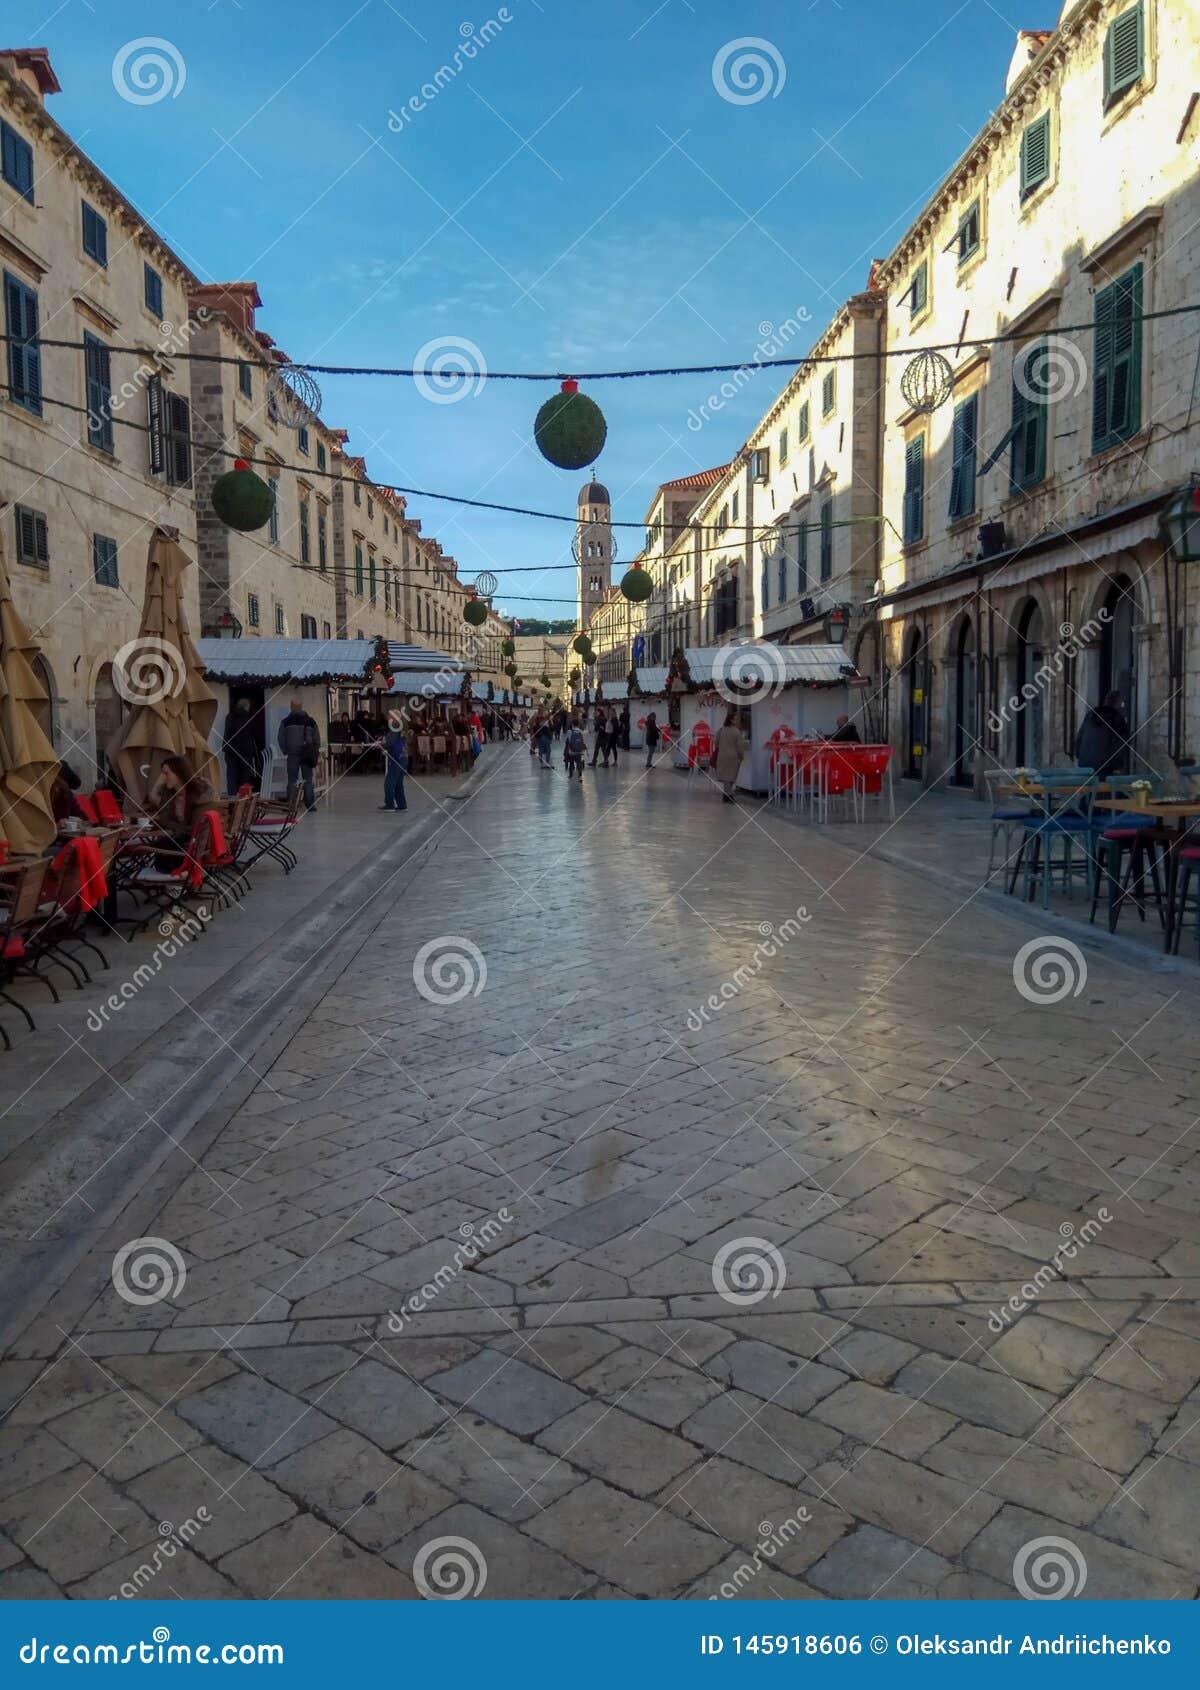 Διακόσμηση οδών στην παλαιά πόλη Dubrovnik, Κροατία Καταπληκτική αρχαία αρχιτεκτονική, καθεδρικός ναός, τετραγωνικός